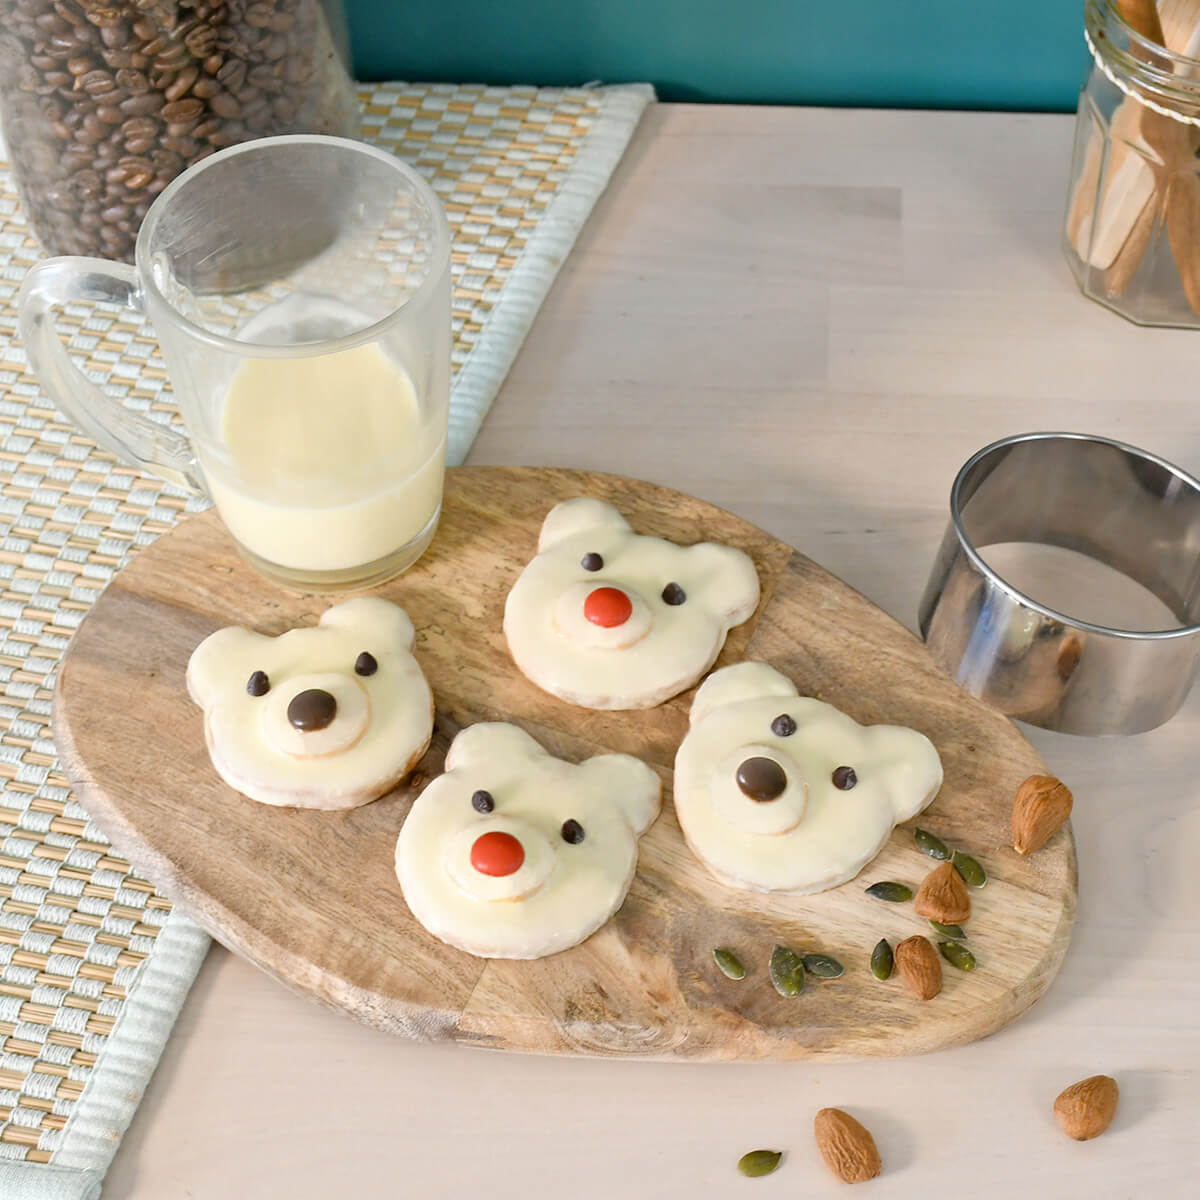 Realiza fácilmente estas súper bonitas galletas en forma de osos polares para sorprender a tus hijos con un snack original y glotón.